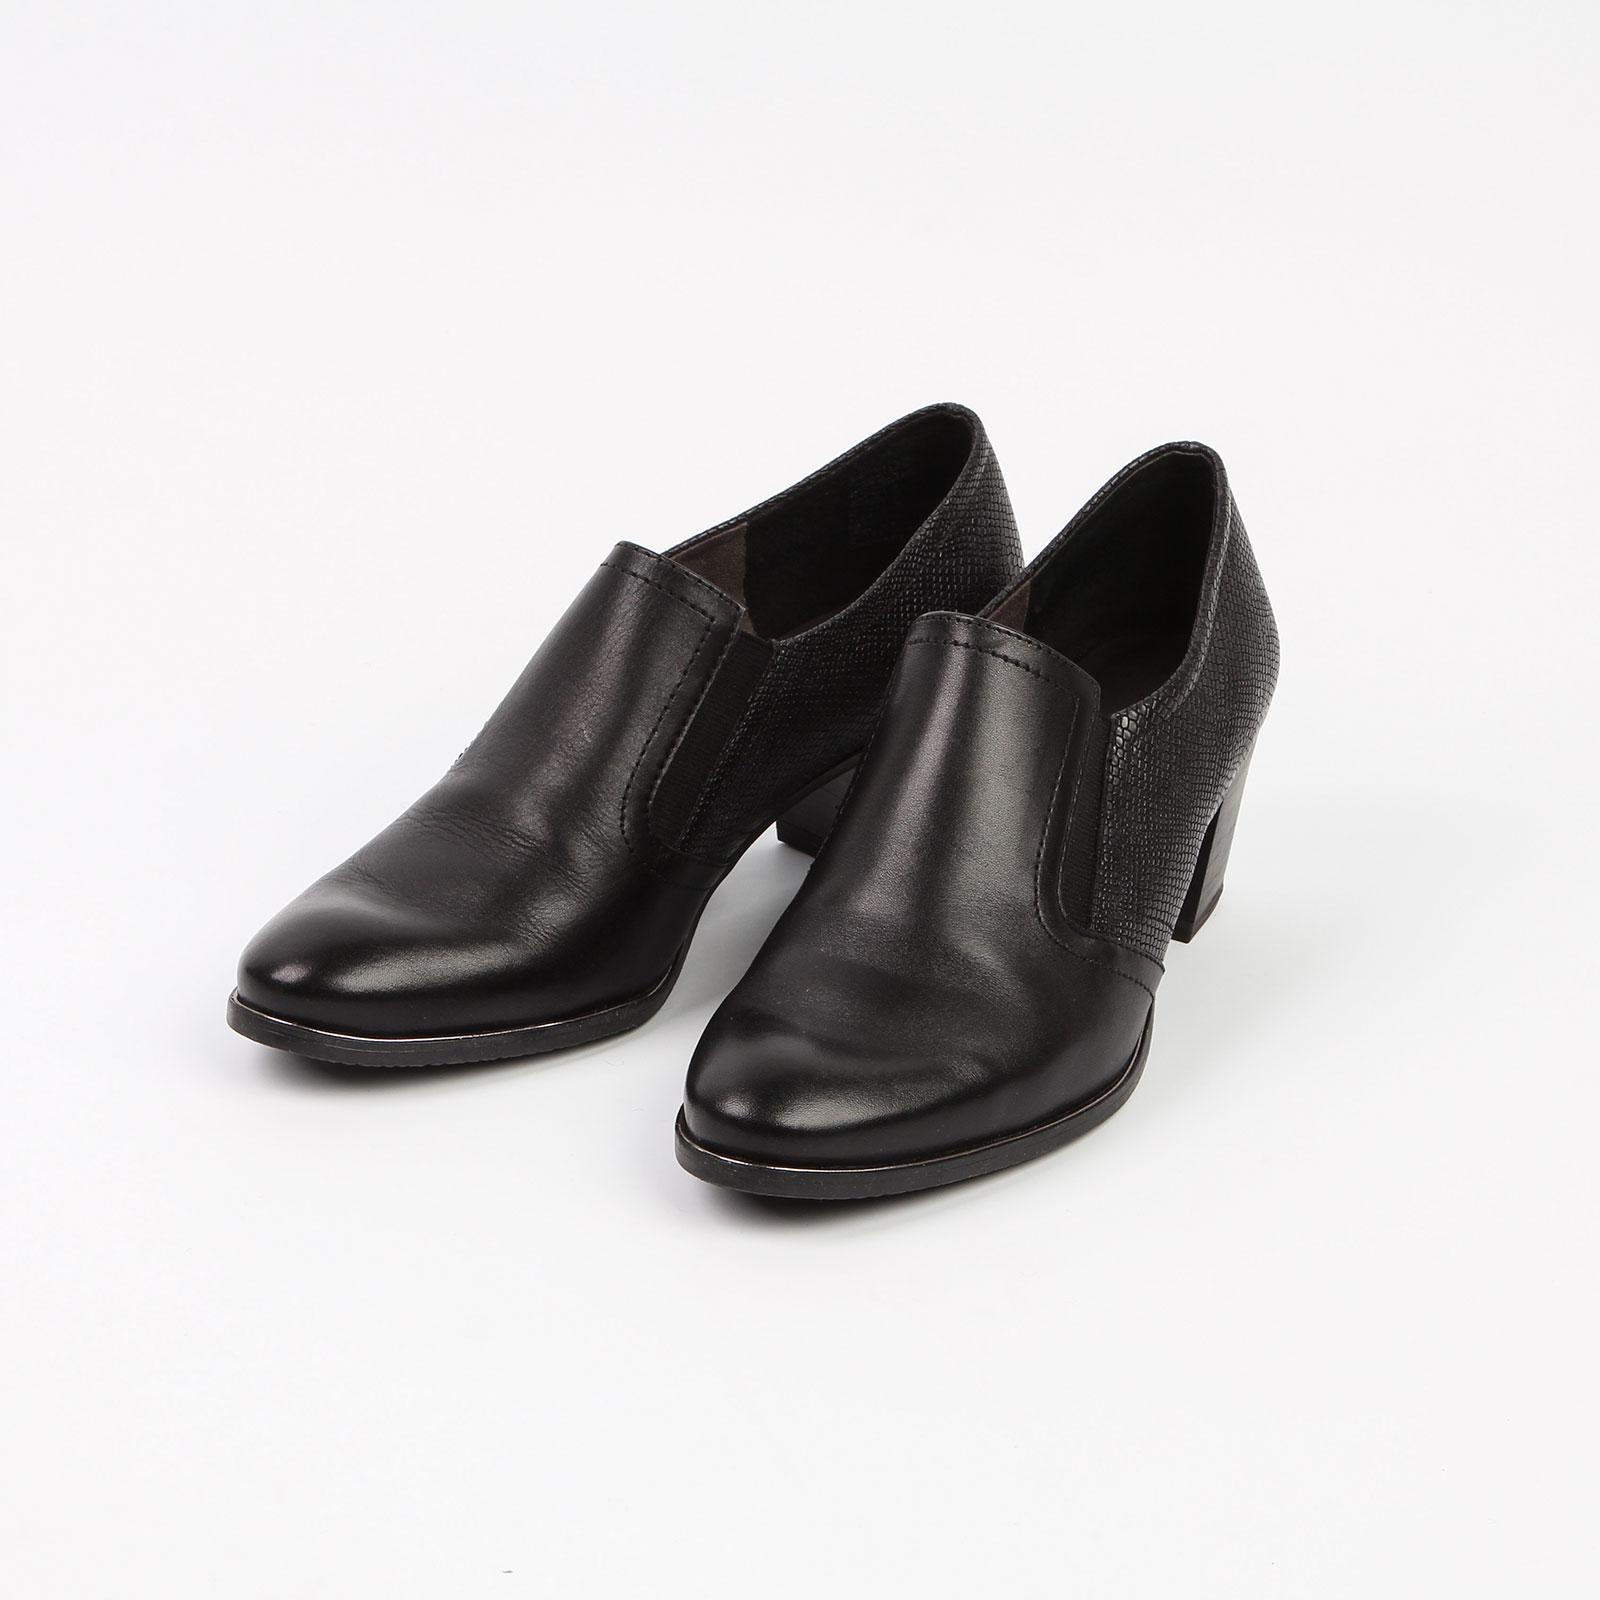 Туфли женские из натуральной кожи на невысоком каблуке